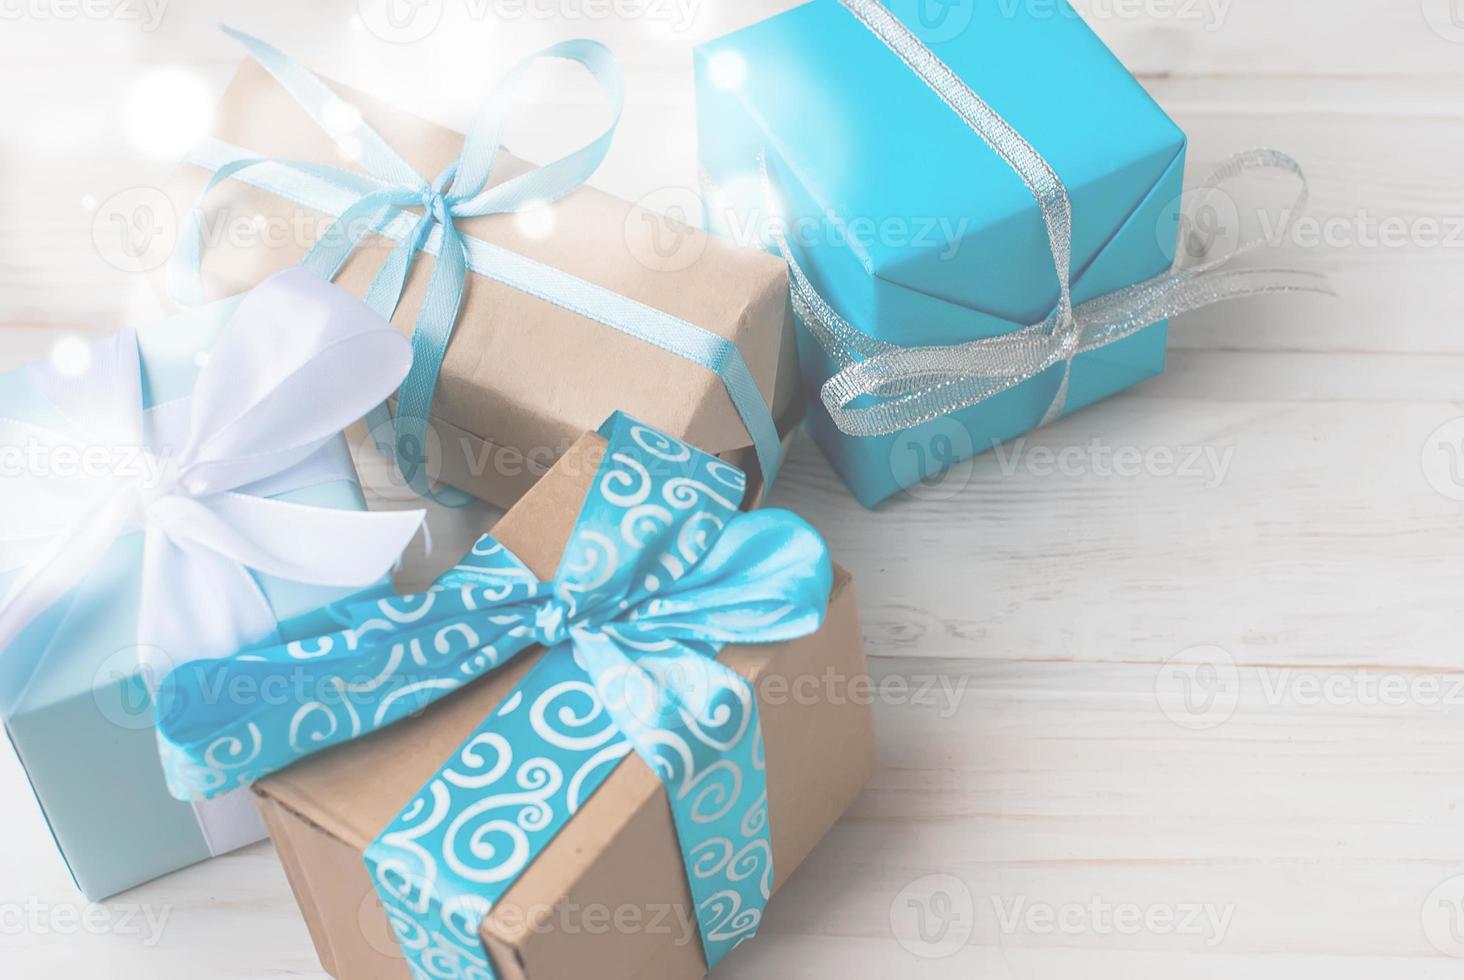 boîtes à cadeaux décorées de rubans sur arr.plans en bois photo